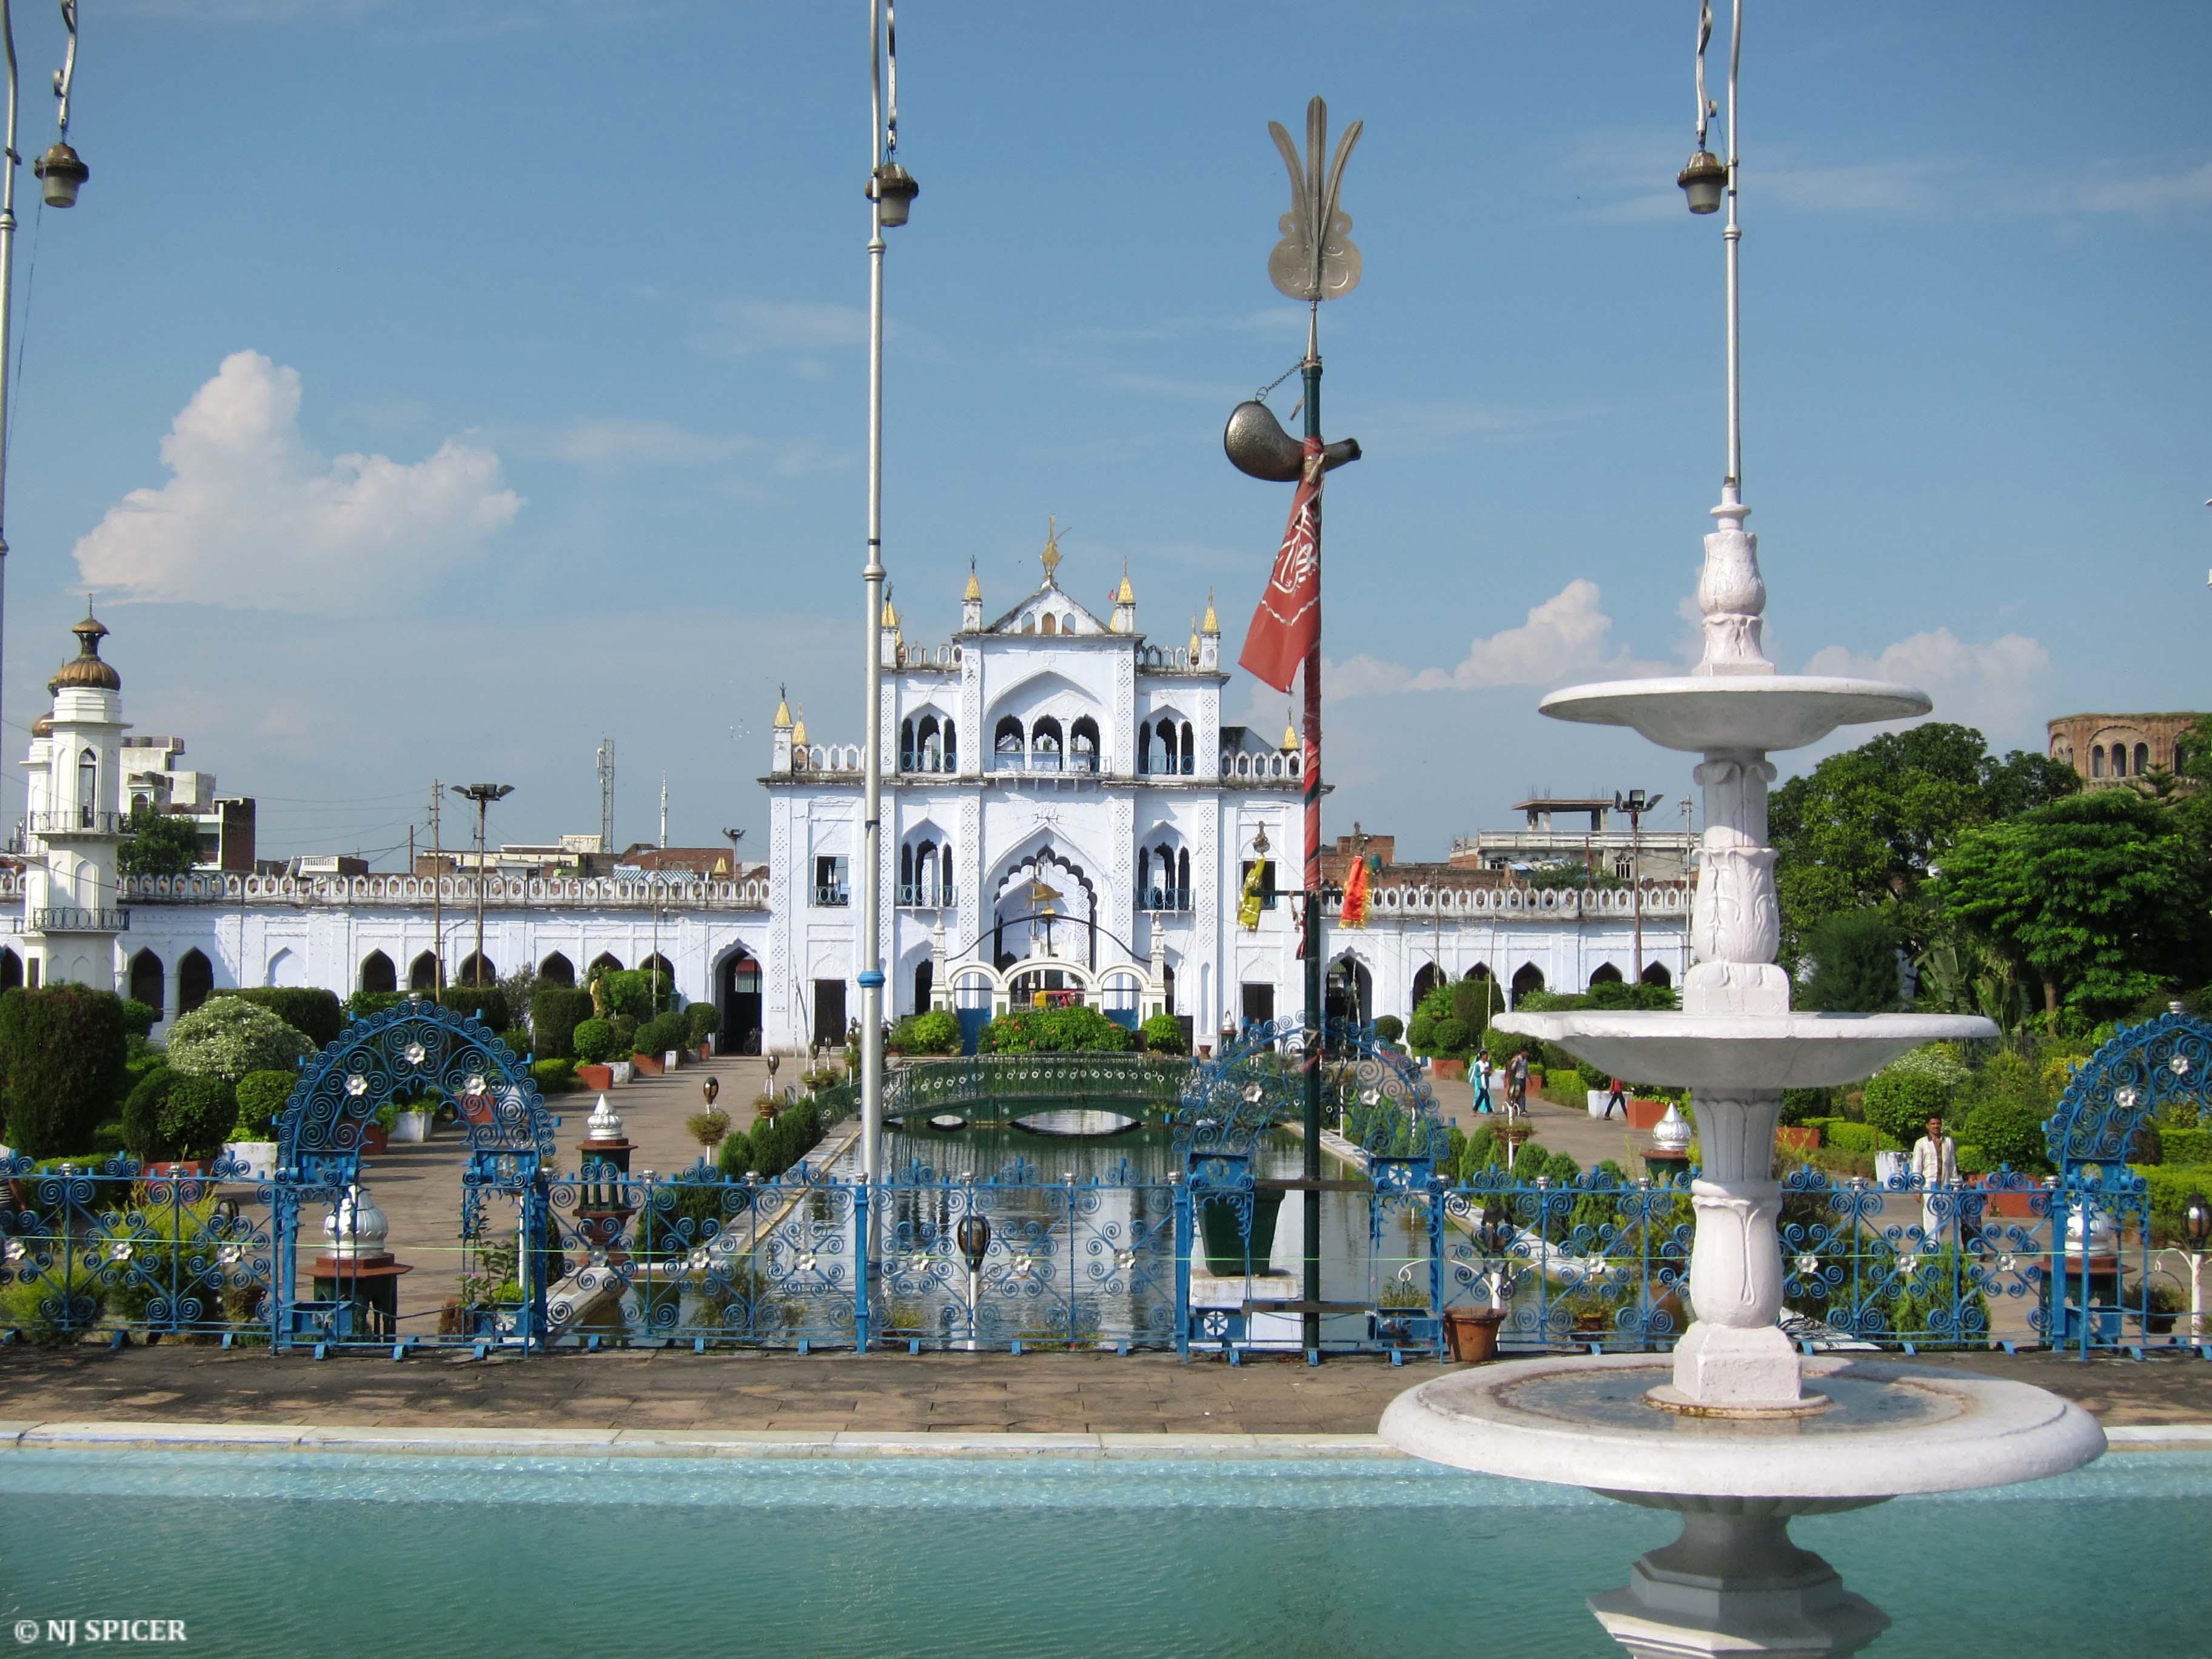 Hussainabad Imambara